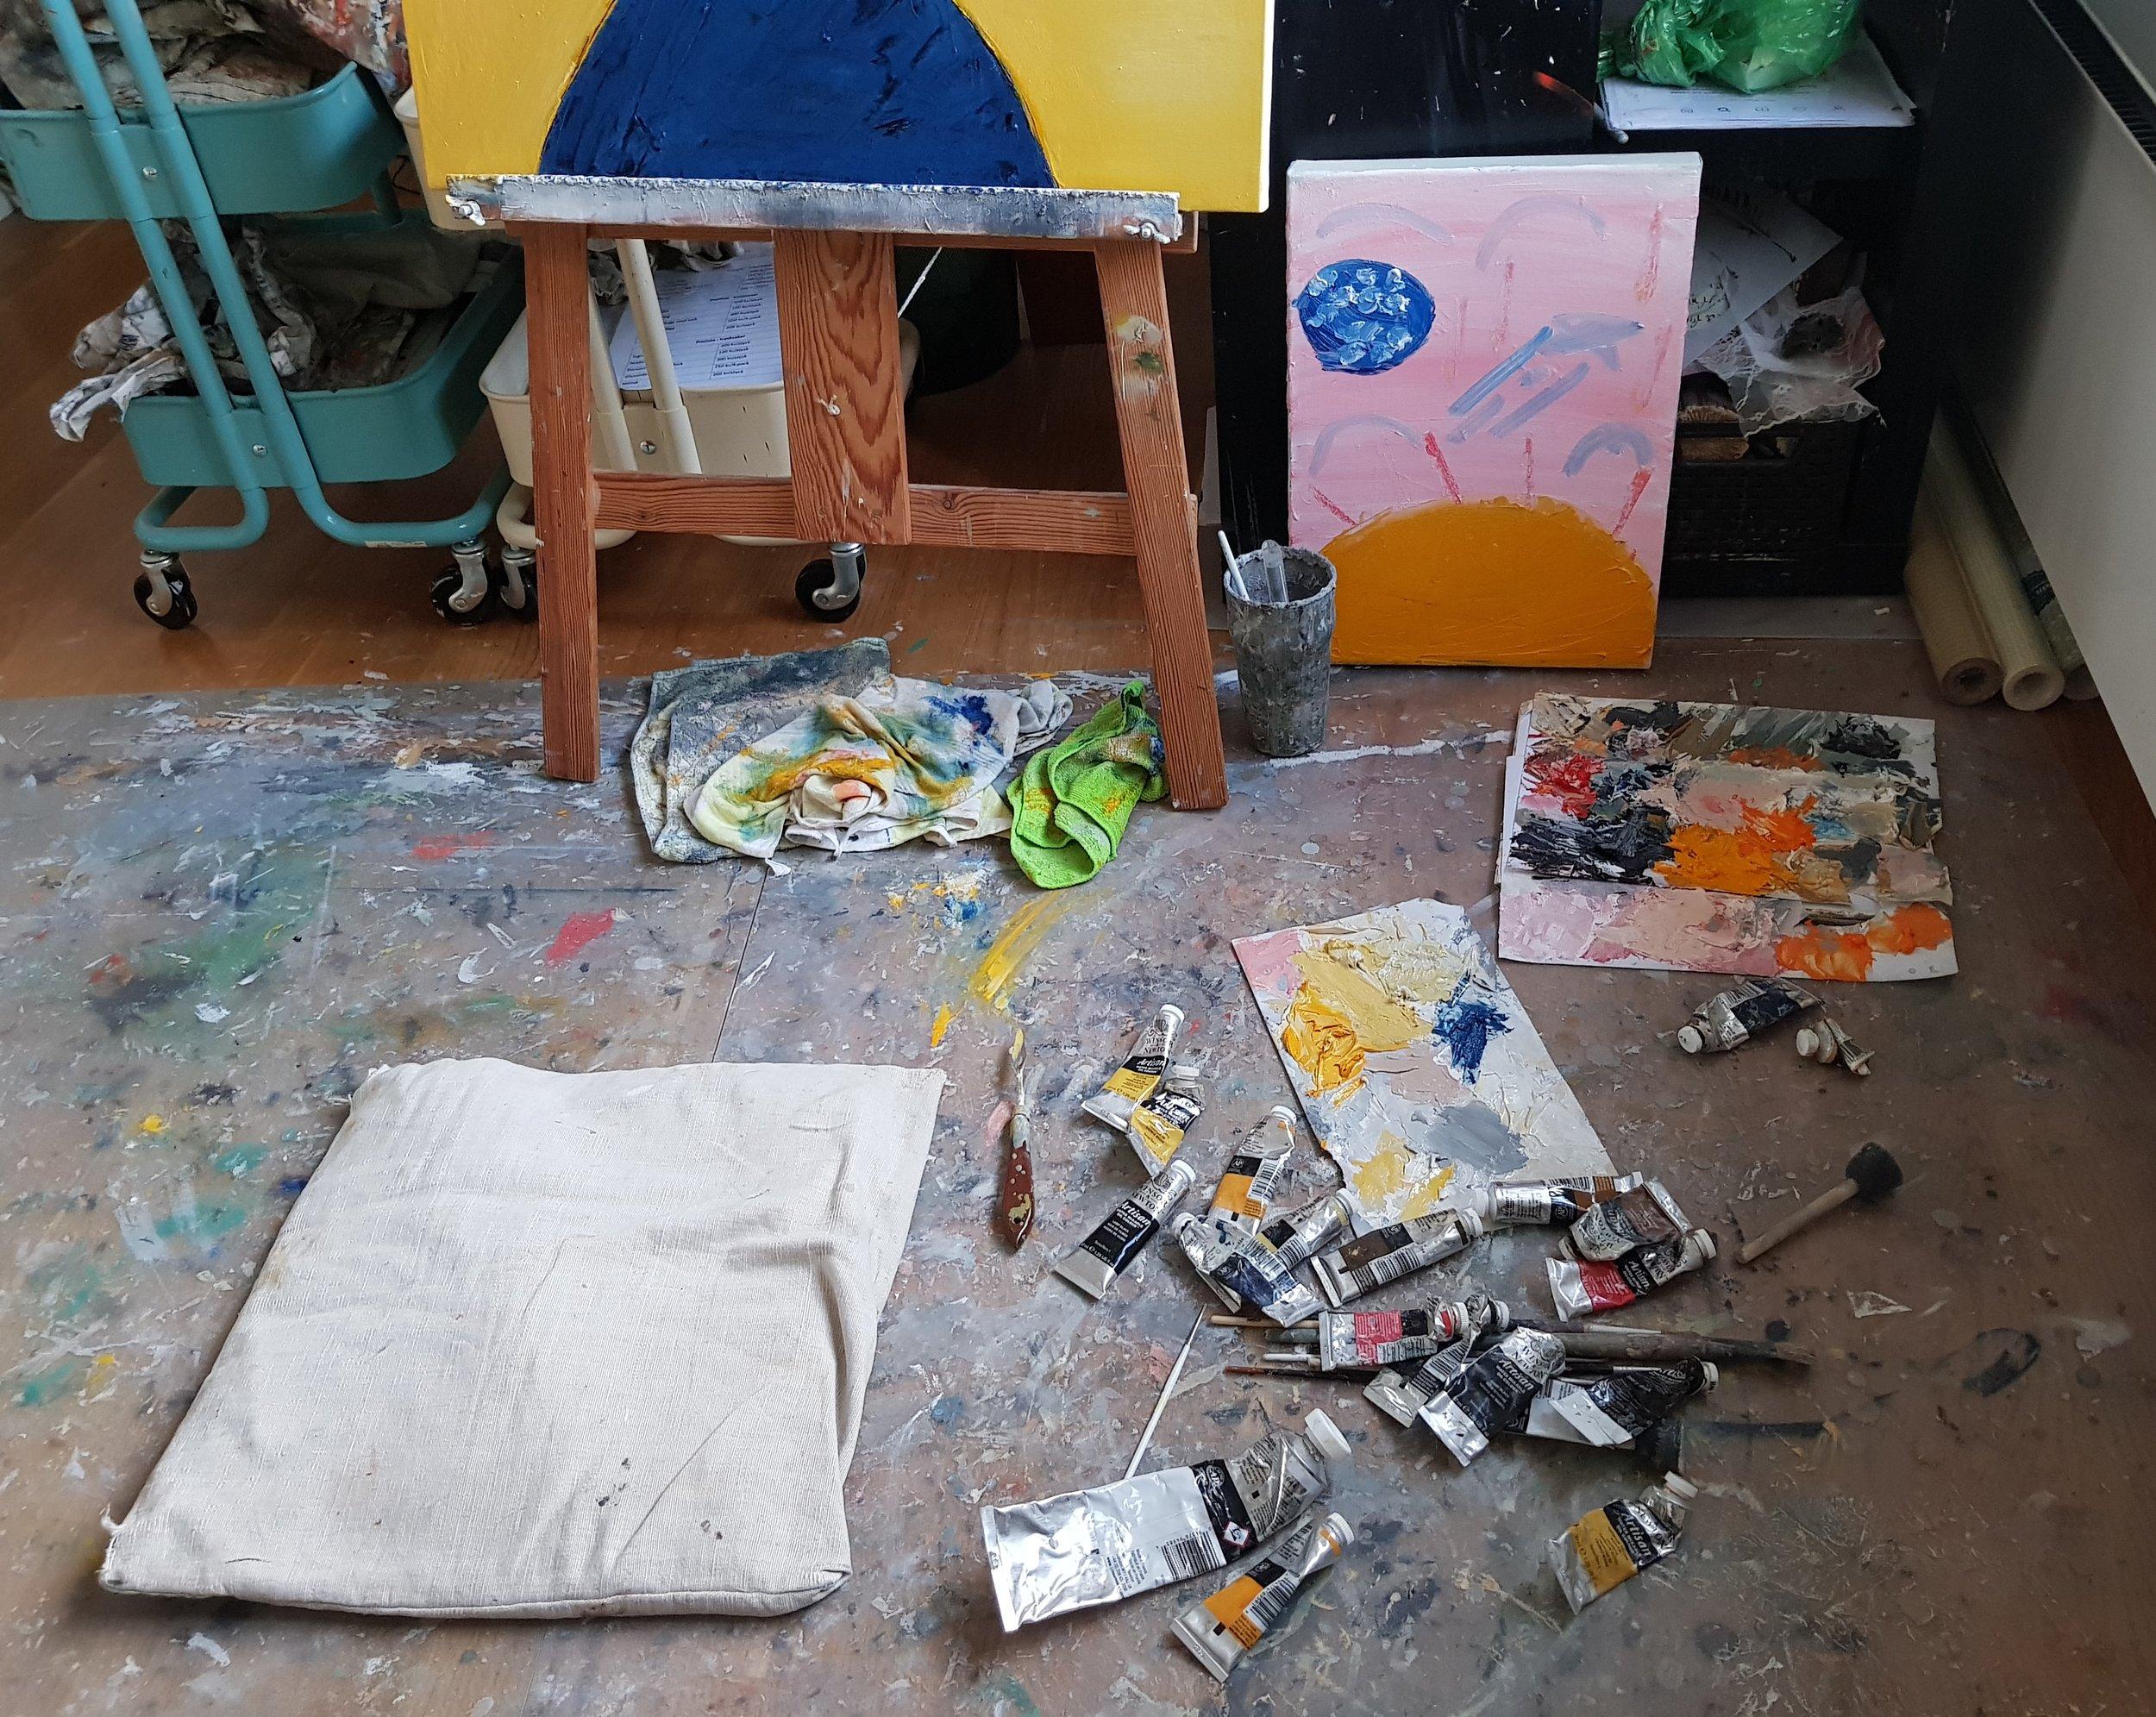 Såhär kan det se ut när jag skapar, en annan liten konstnär har sitt alster bredvid mitt.